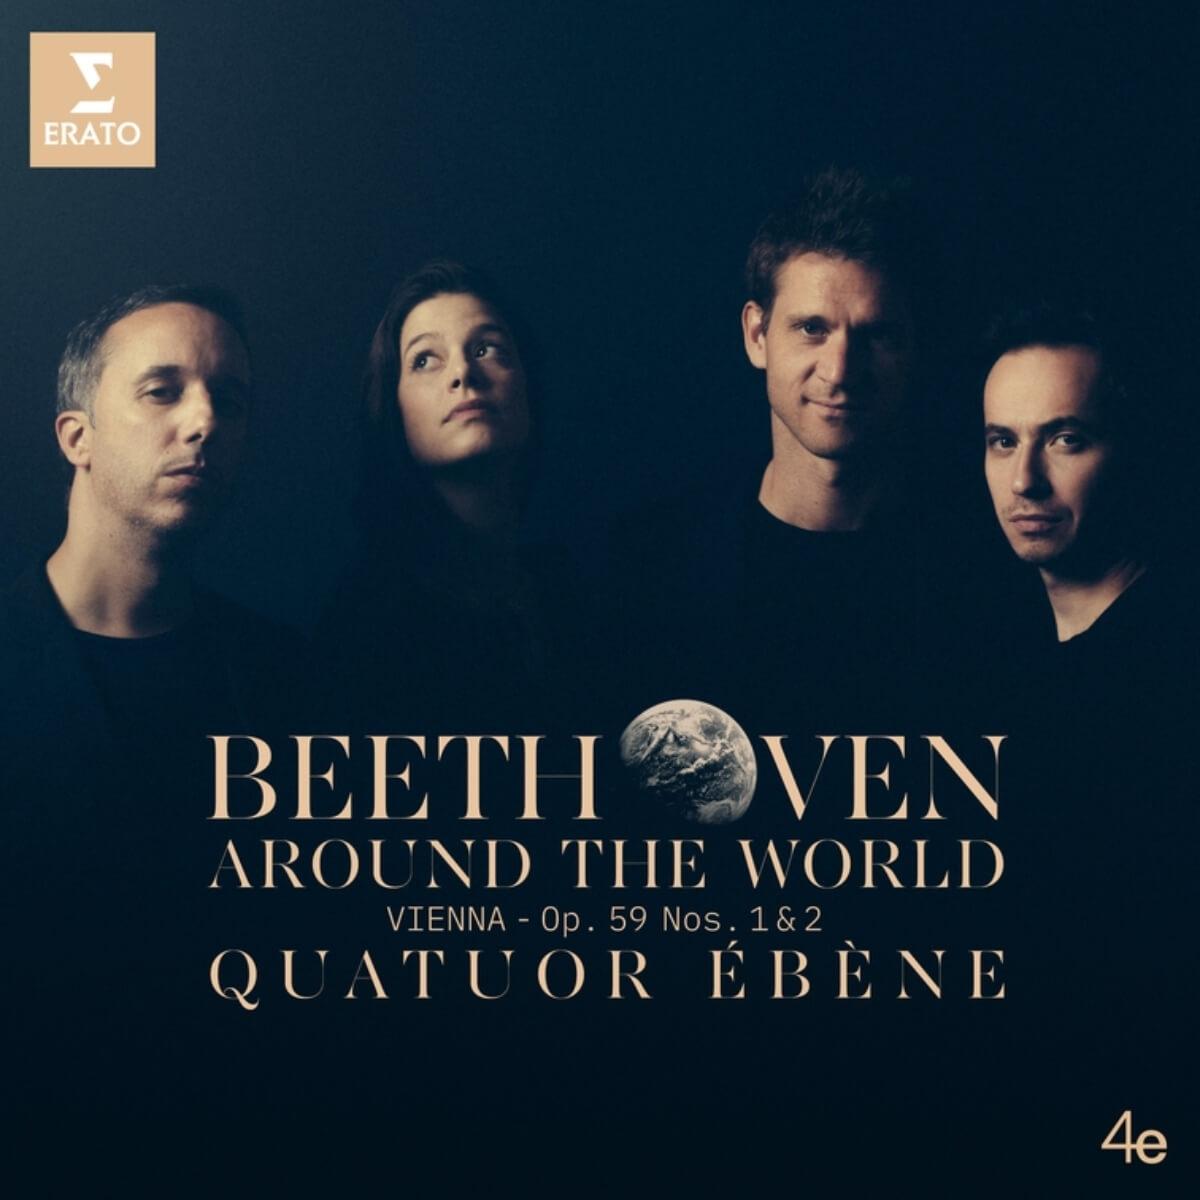 pochette de Beethoven Around the World du Quatuor Ébène